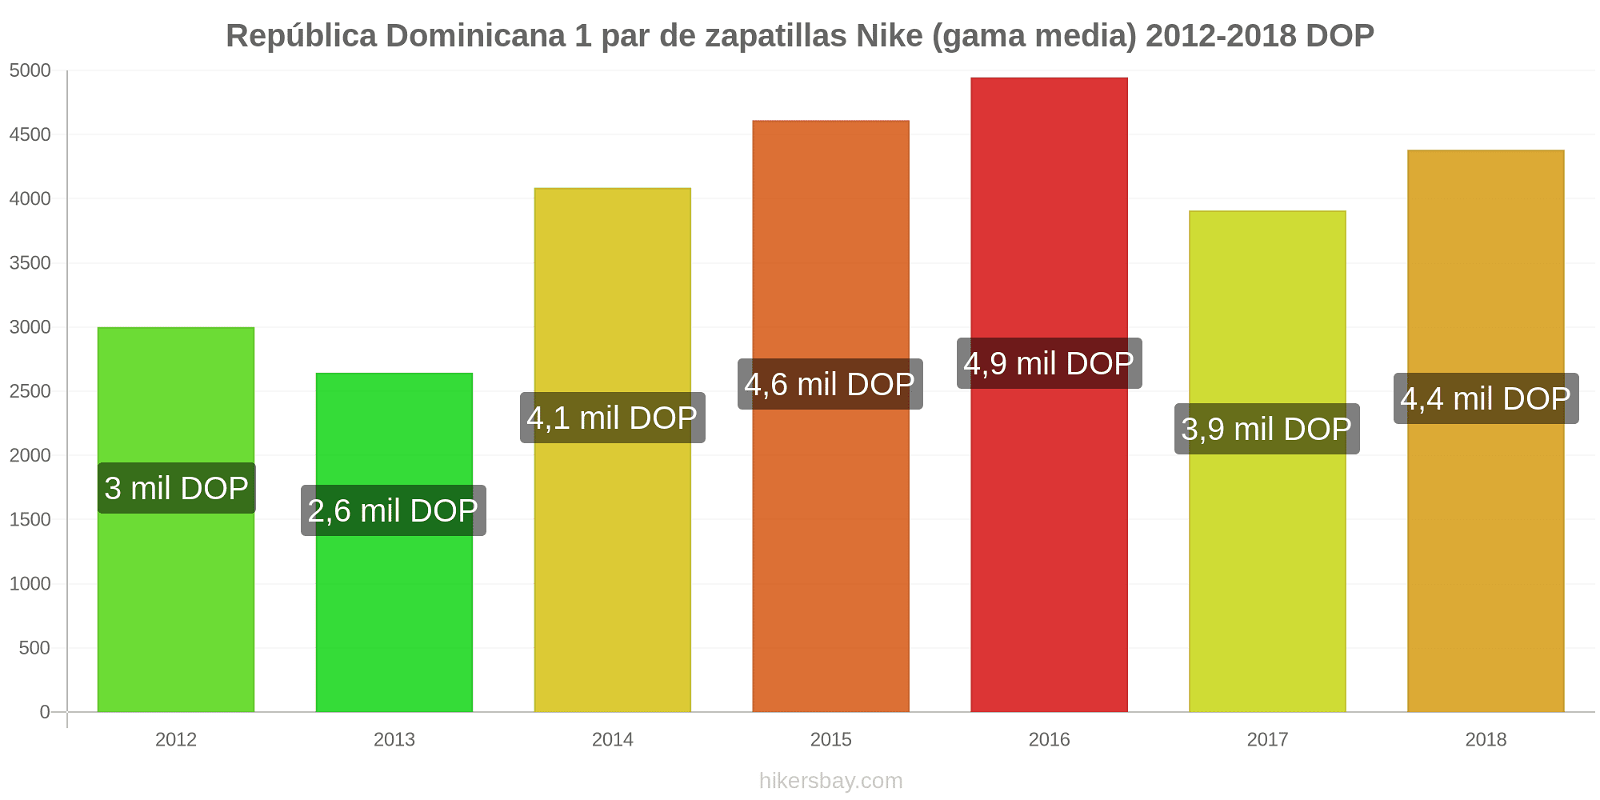 República Dominicana cambios de precios 1 par de zapatillas Nike (gama media) hikersbay.com